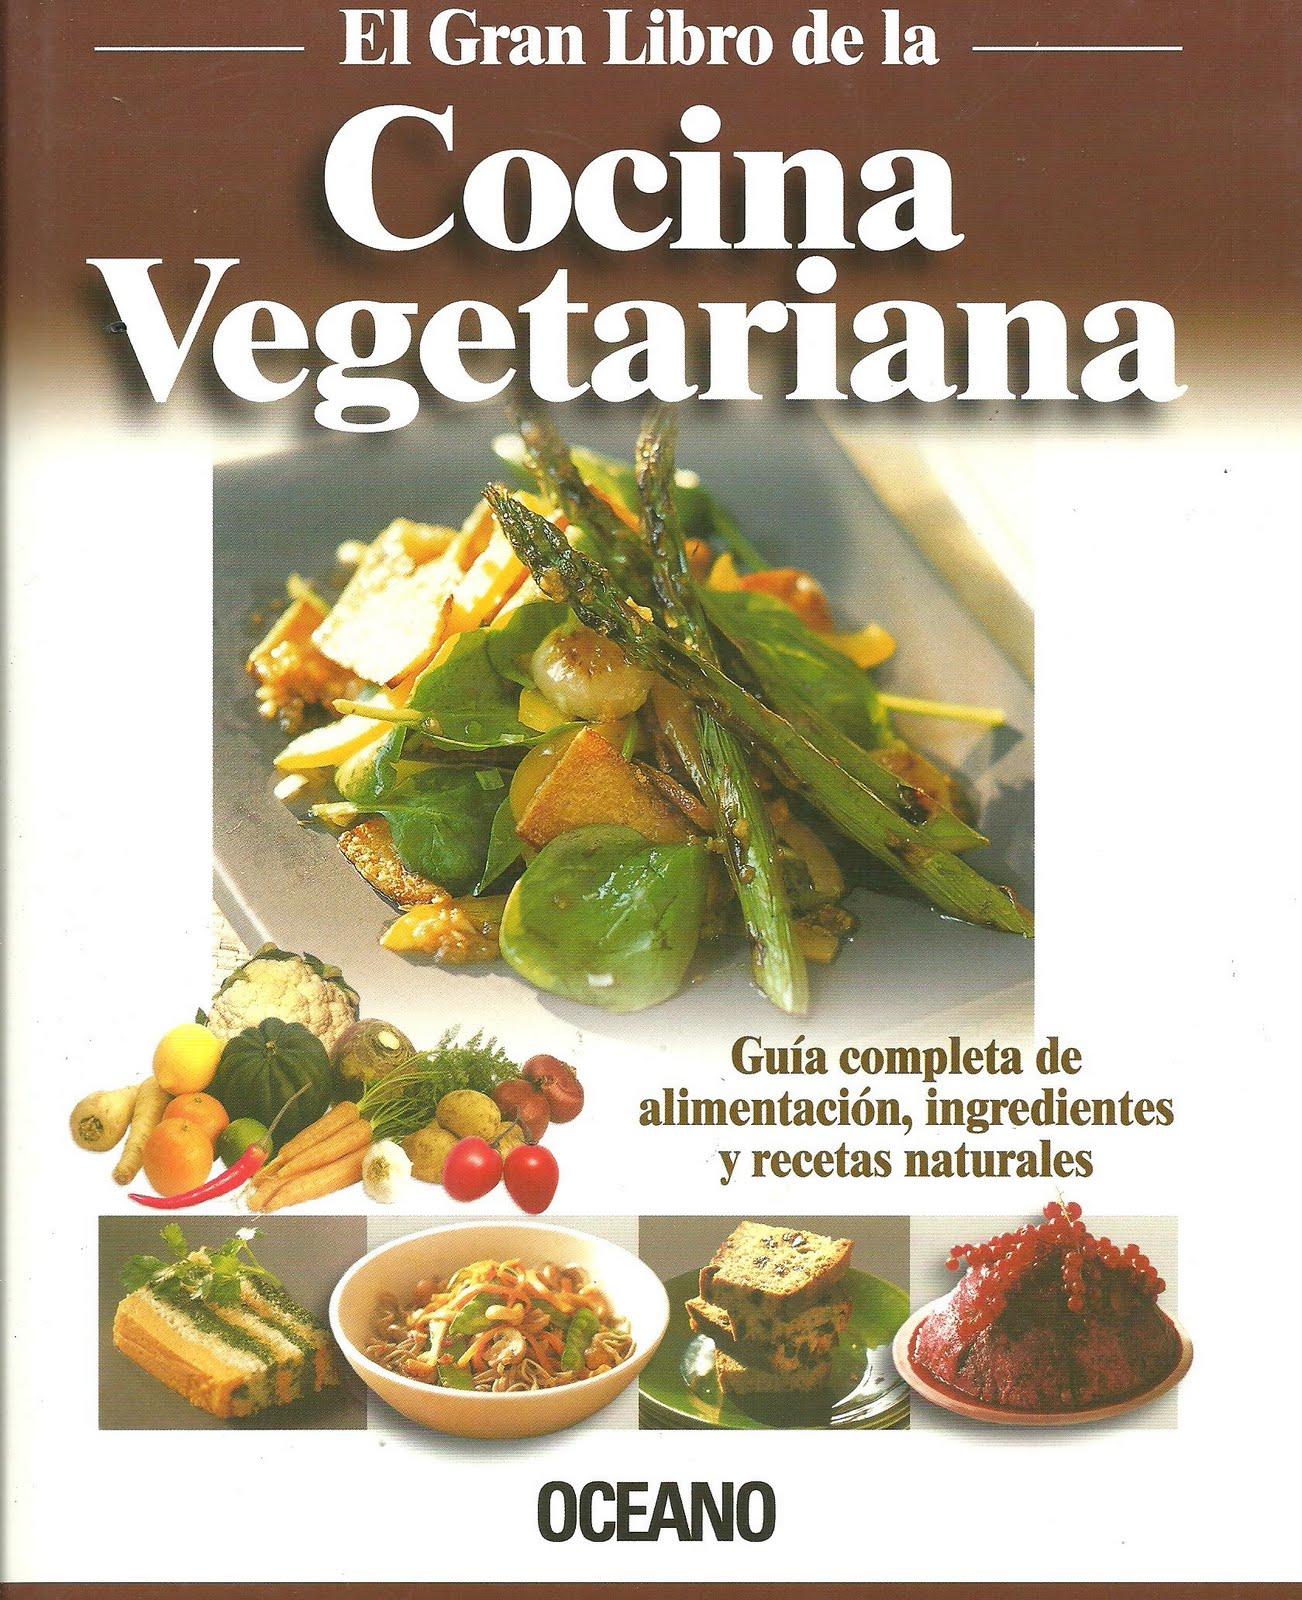 Oc ano el gran libro de la cocina vegetariana 2011 for Blogs cocina vegetariana